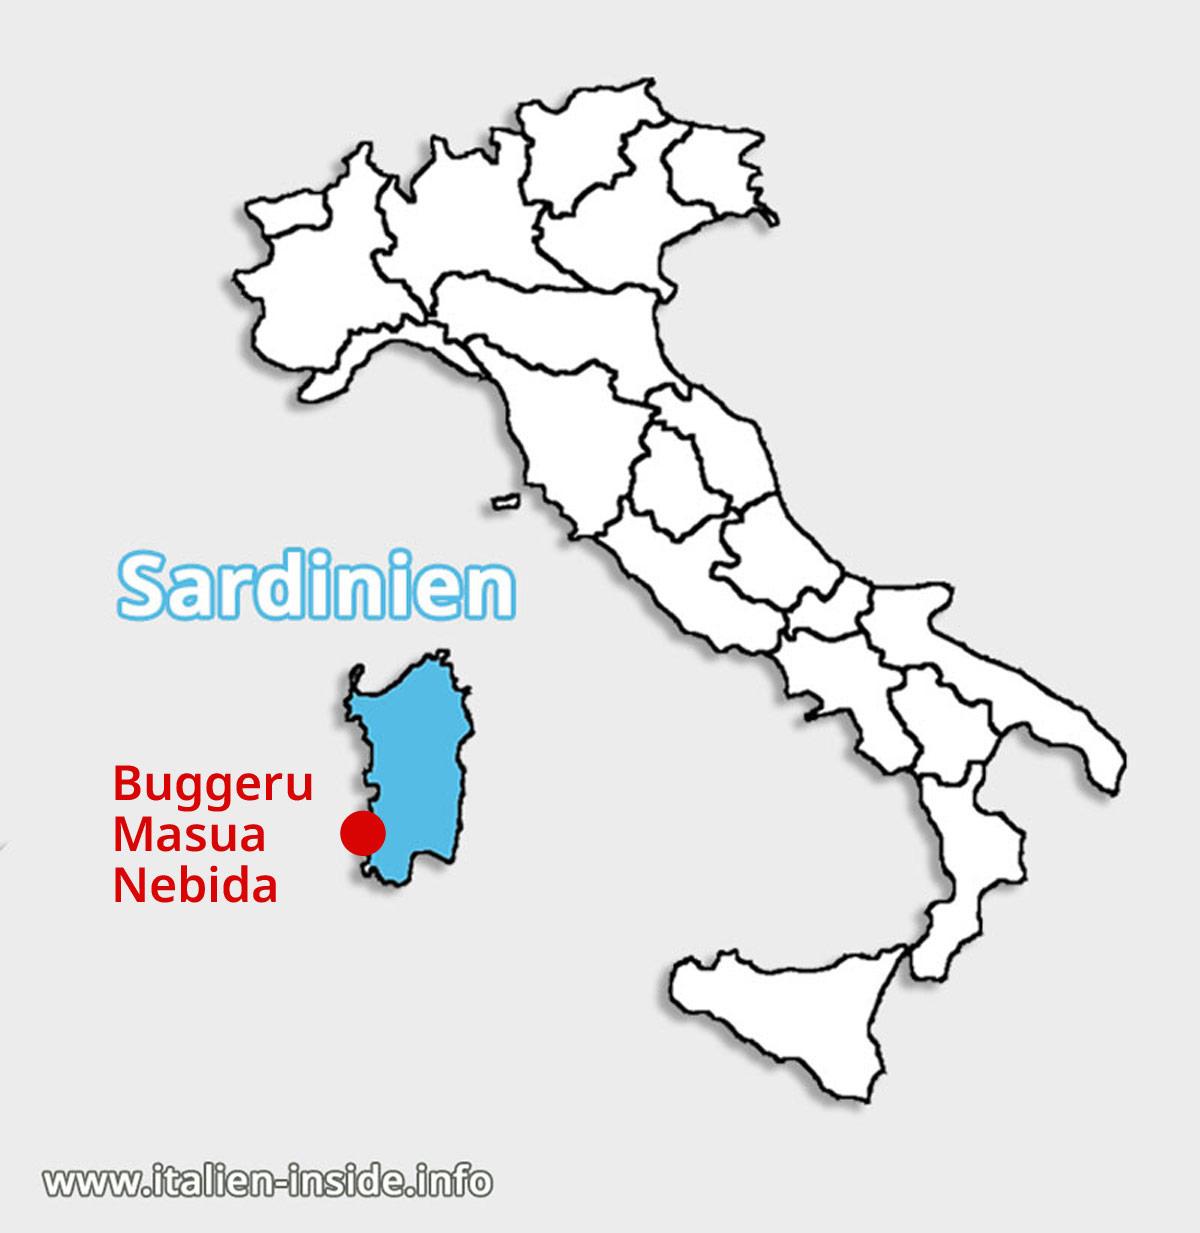 Lagekarte-Buggerru-Masua-Nebida-Sardinien